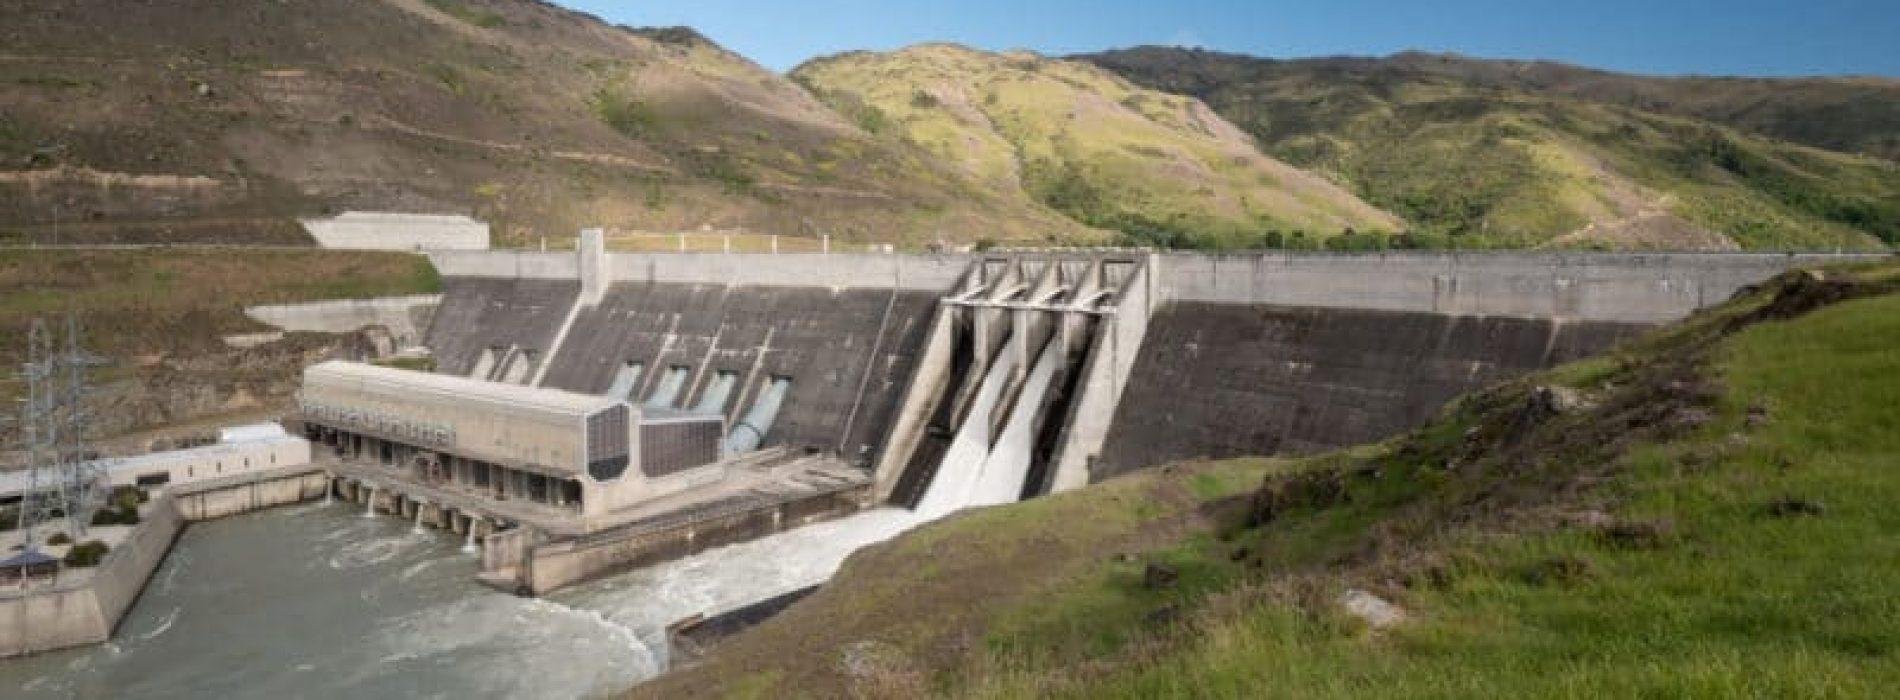 Nigeria: verso la gestione in concessione della diga di Zunghero (7000Mw)